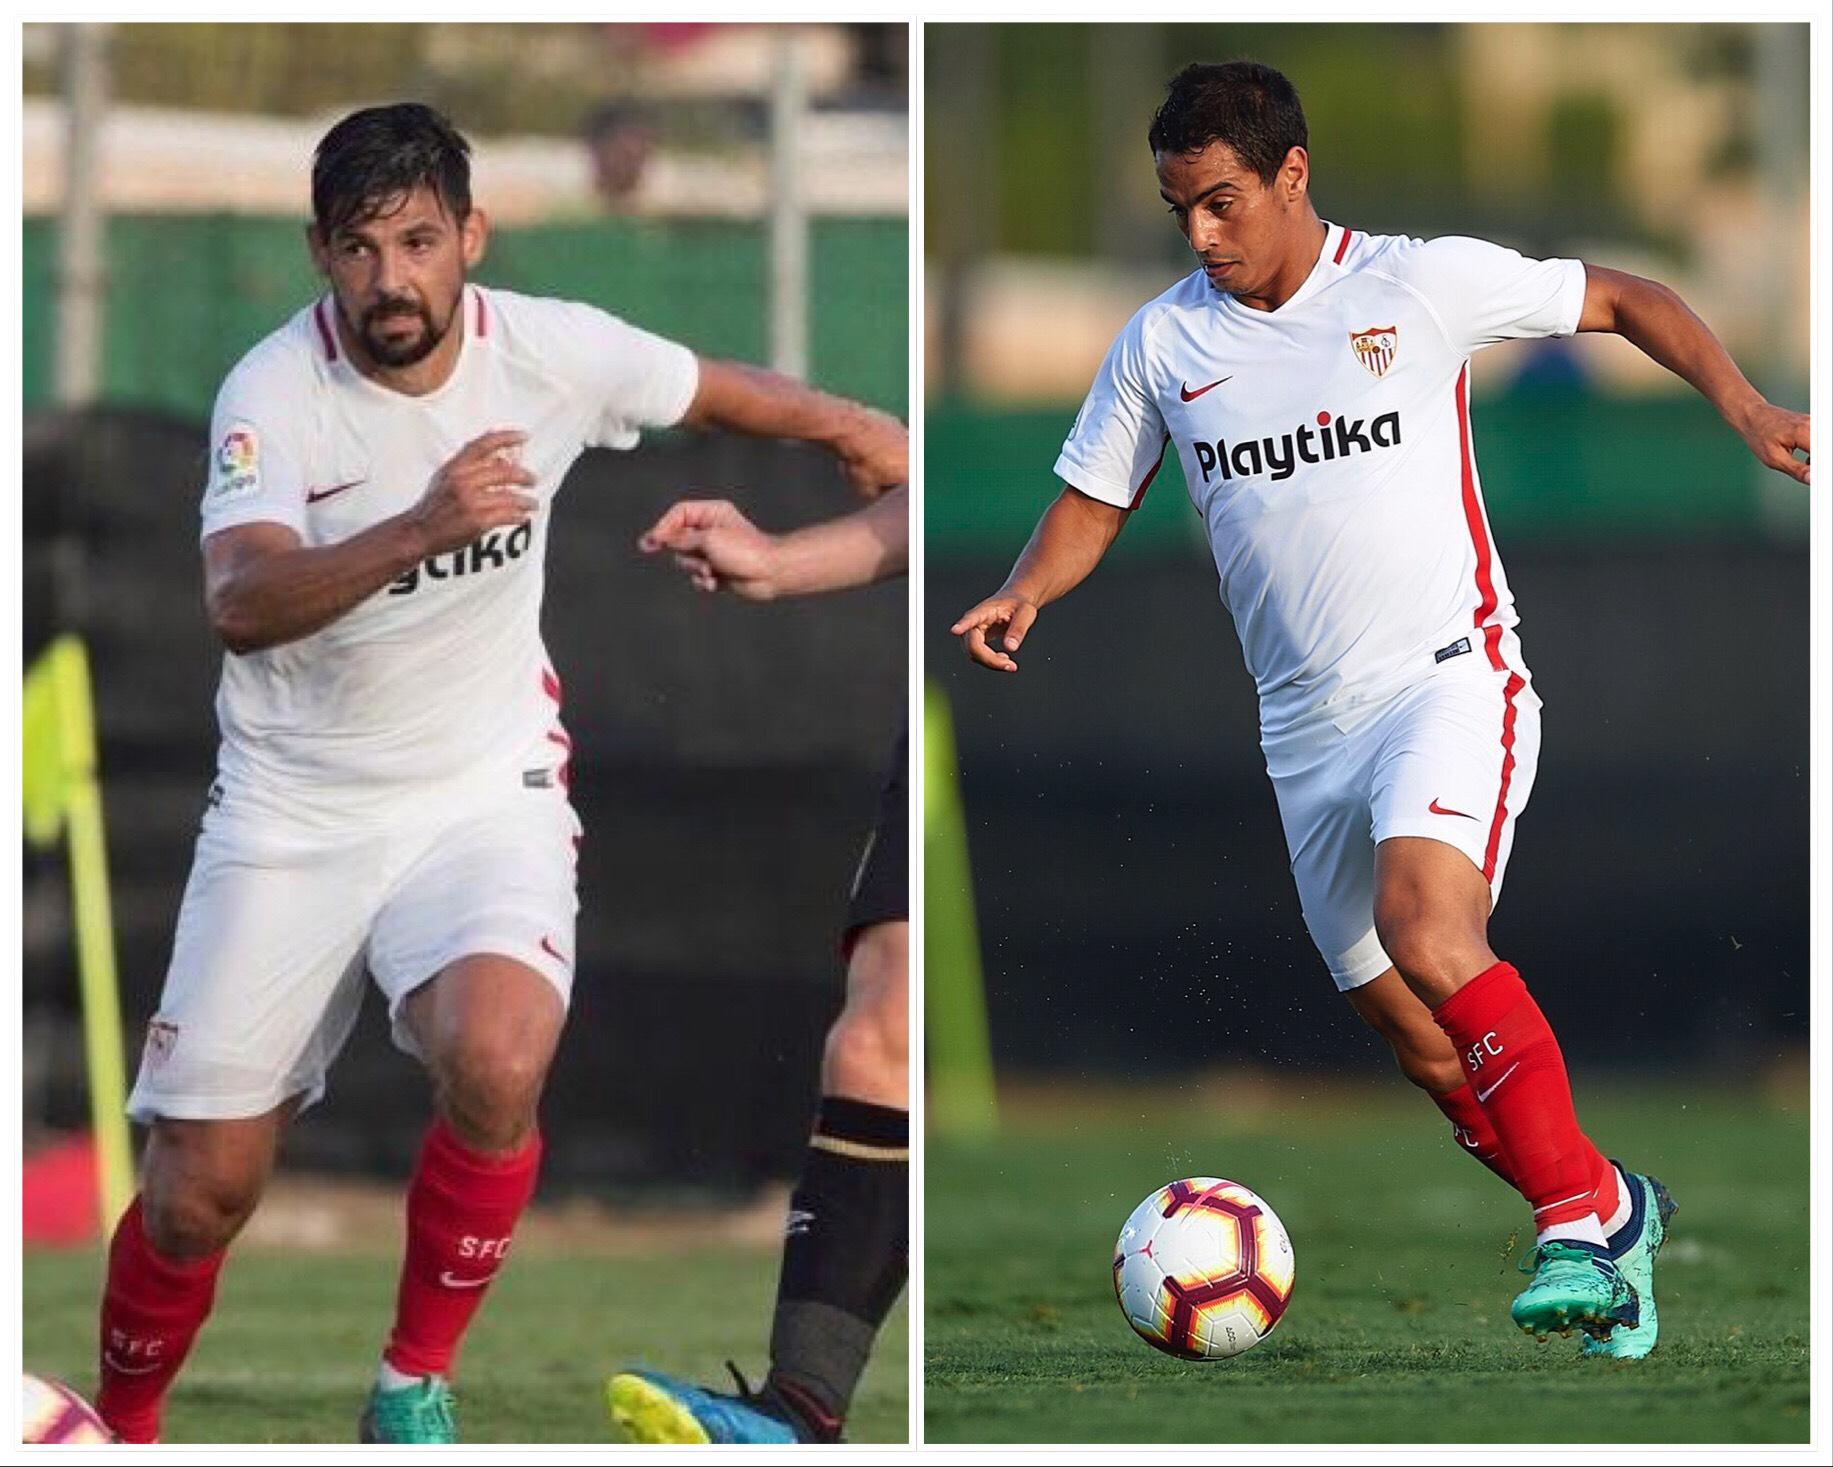 La forma física de algunos jugadores del Sevilla levantan comentarios en las redes sociales